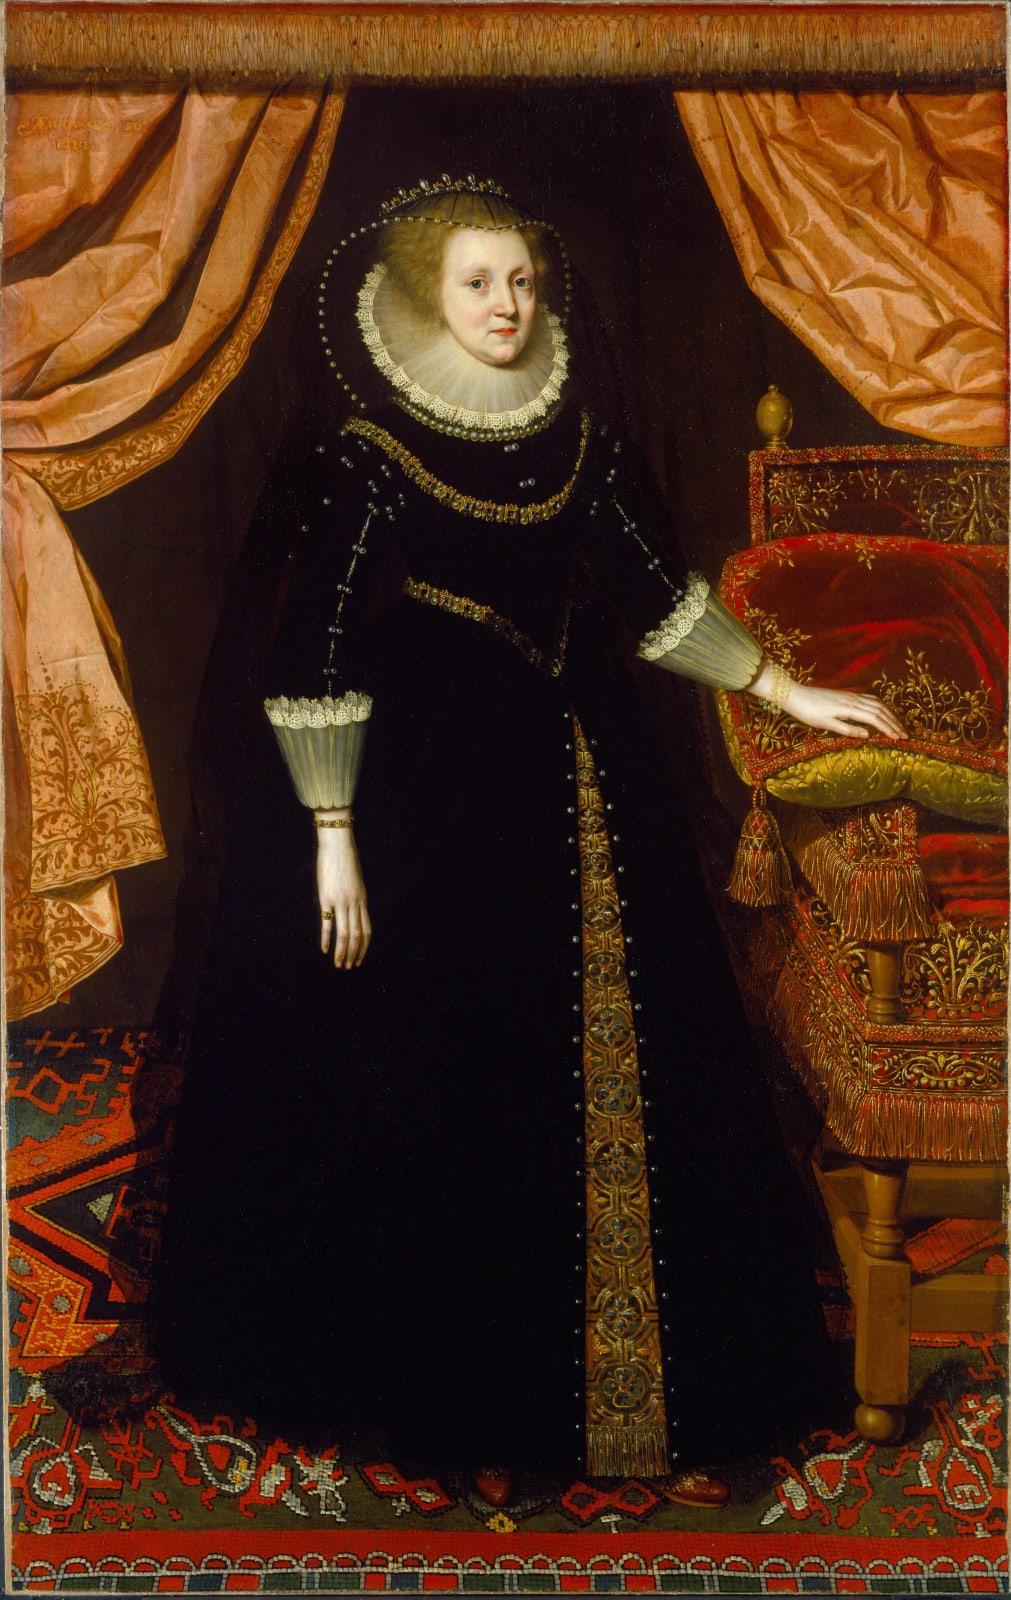 Elizabeth Vernon, Countess of Southampton (1572 - 1655)